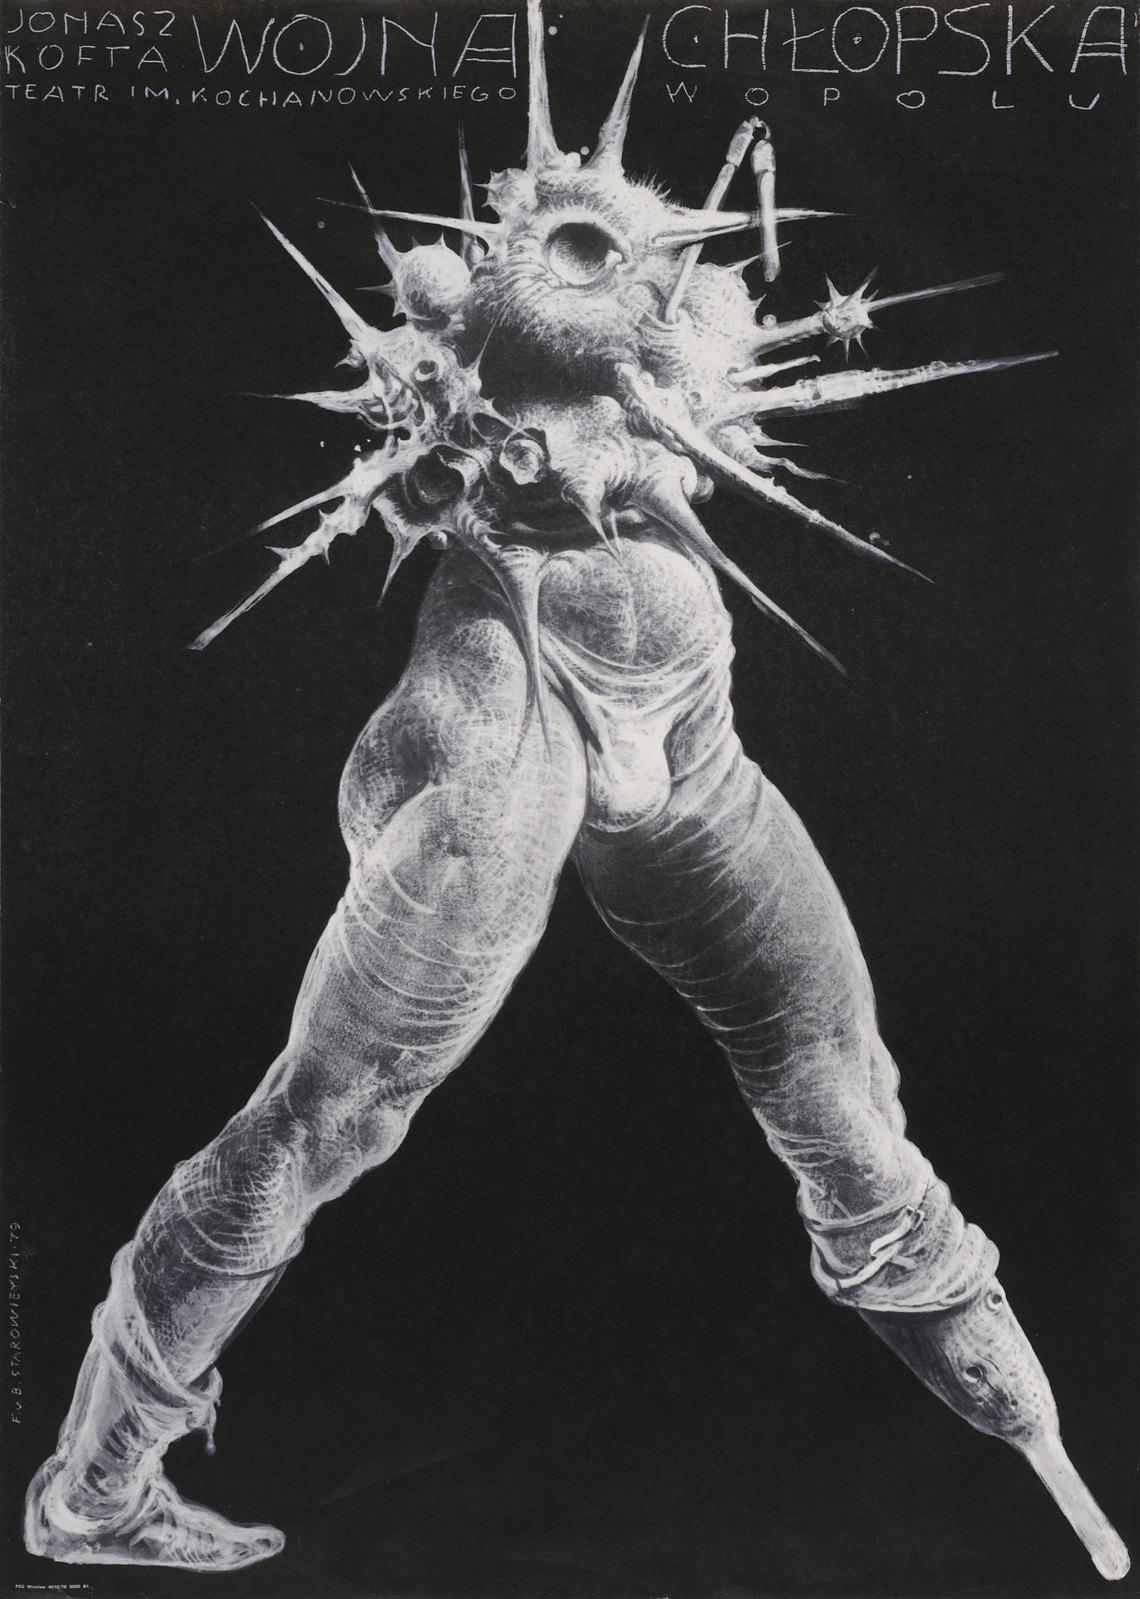 Franciszek Starowieyski - Wojna Chlopska, 1979